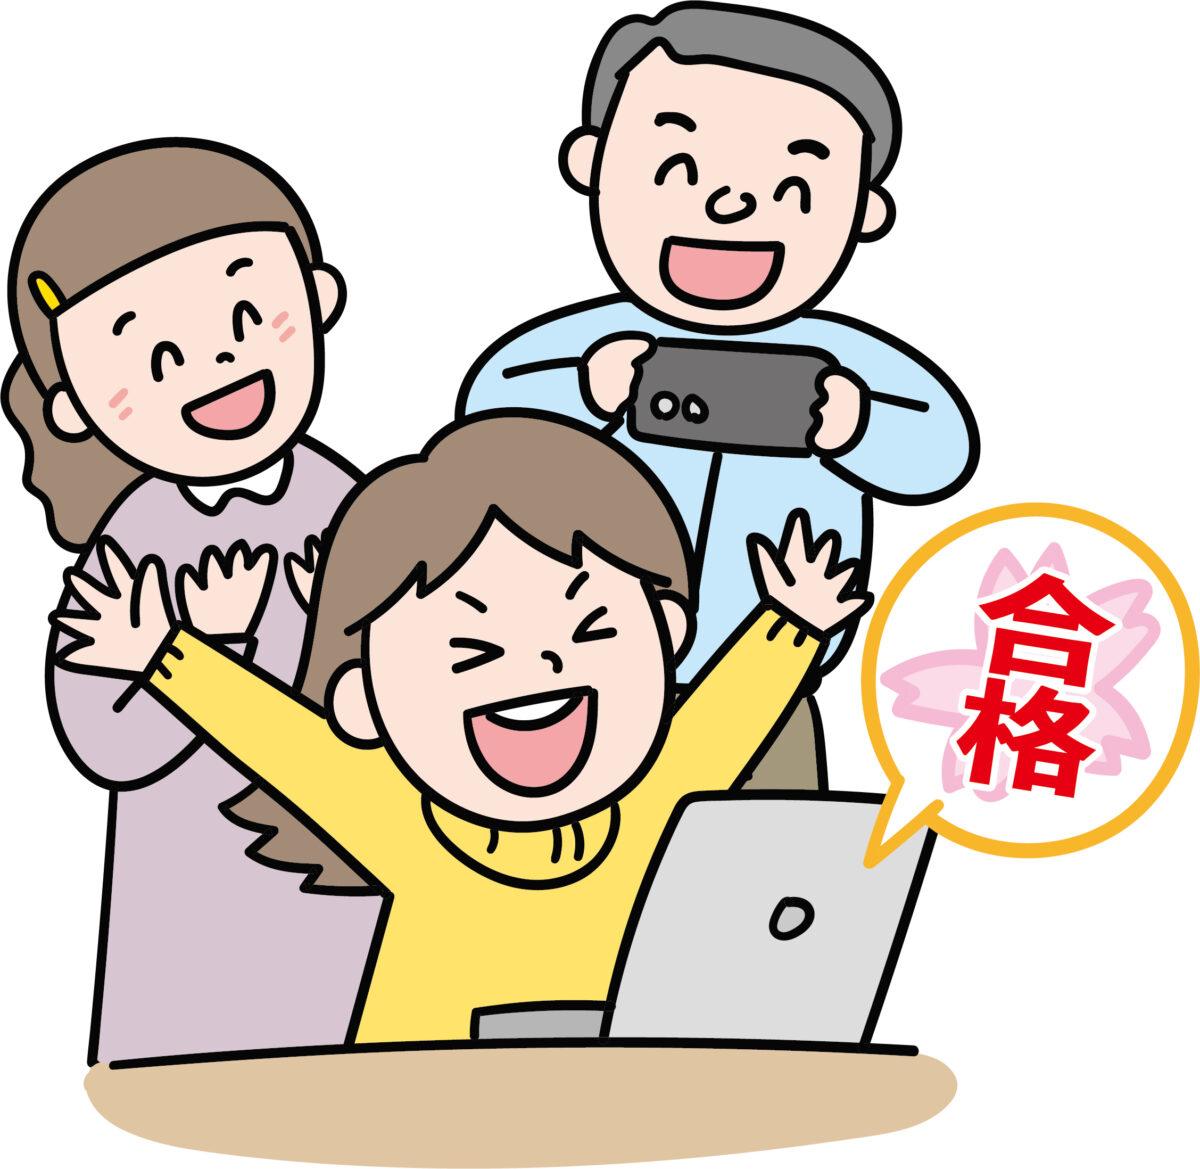 N大の内部進学に失敗!11月からの猛勉強で日東駒専へT合格!